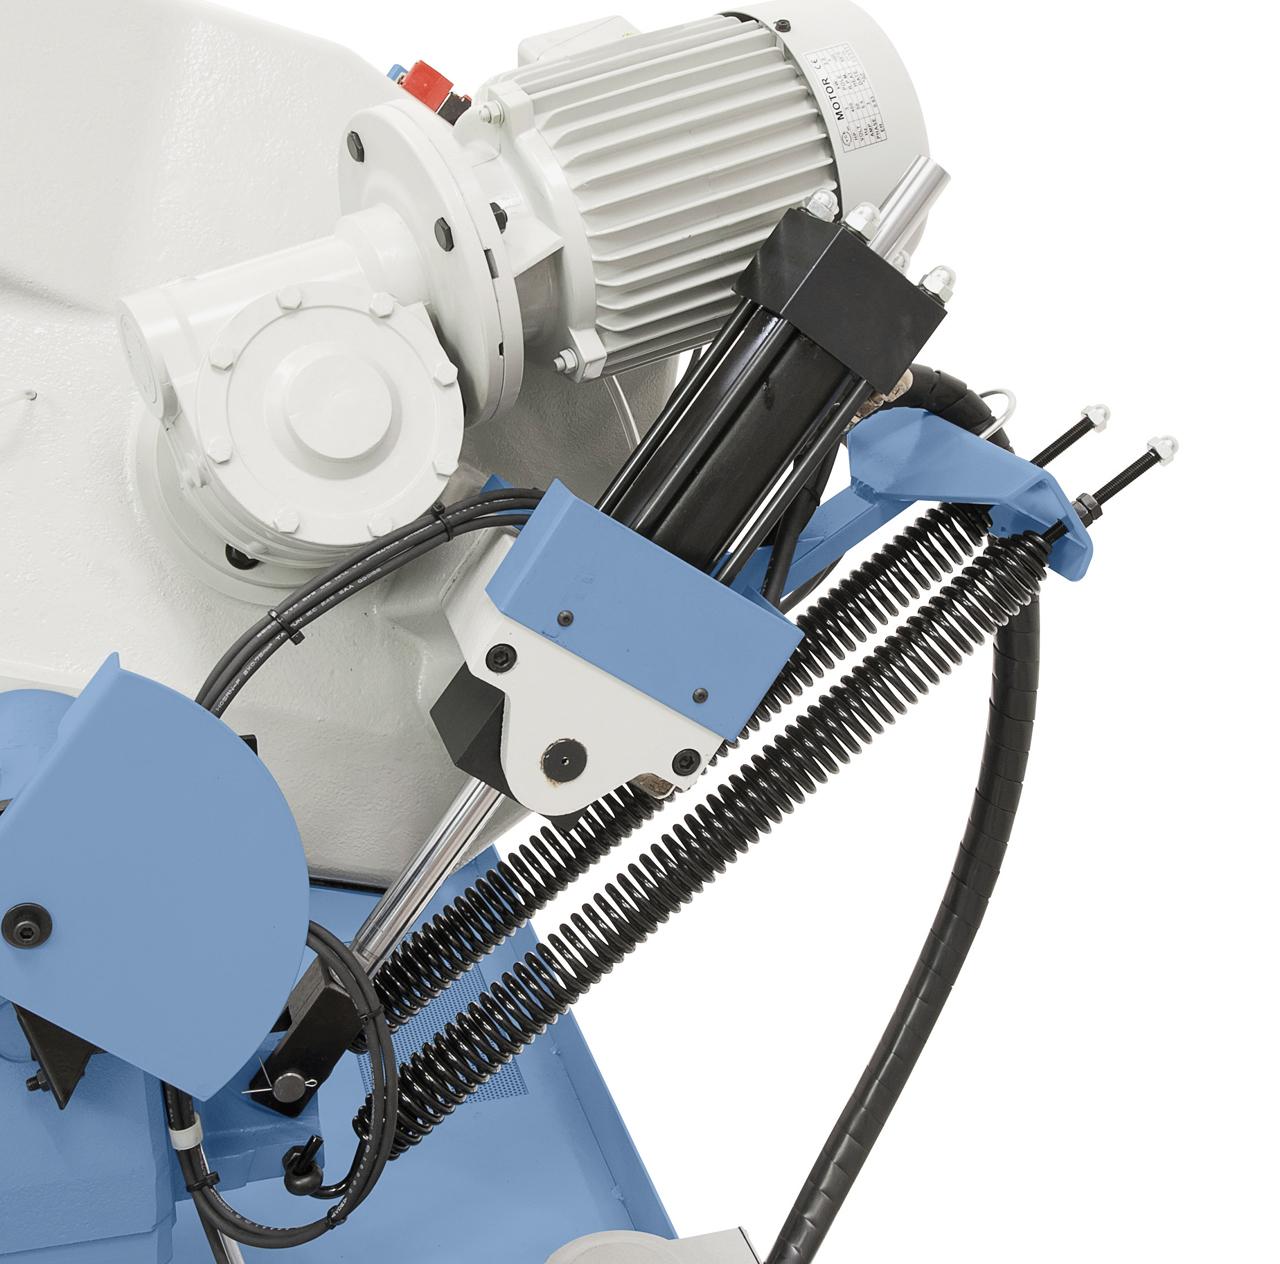 Serienmäßig mit Hydraulik-Absenkzylinder für stufen-loses Absenken des Sägebügels und automatischer Endabschaltung nach Materialdurchschnitt.